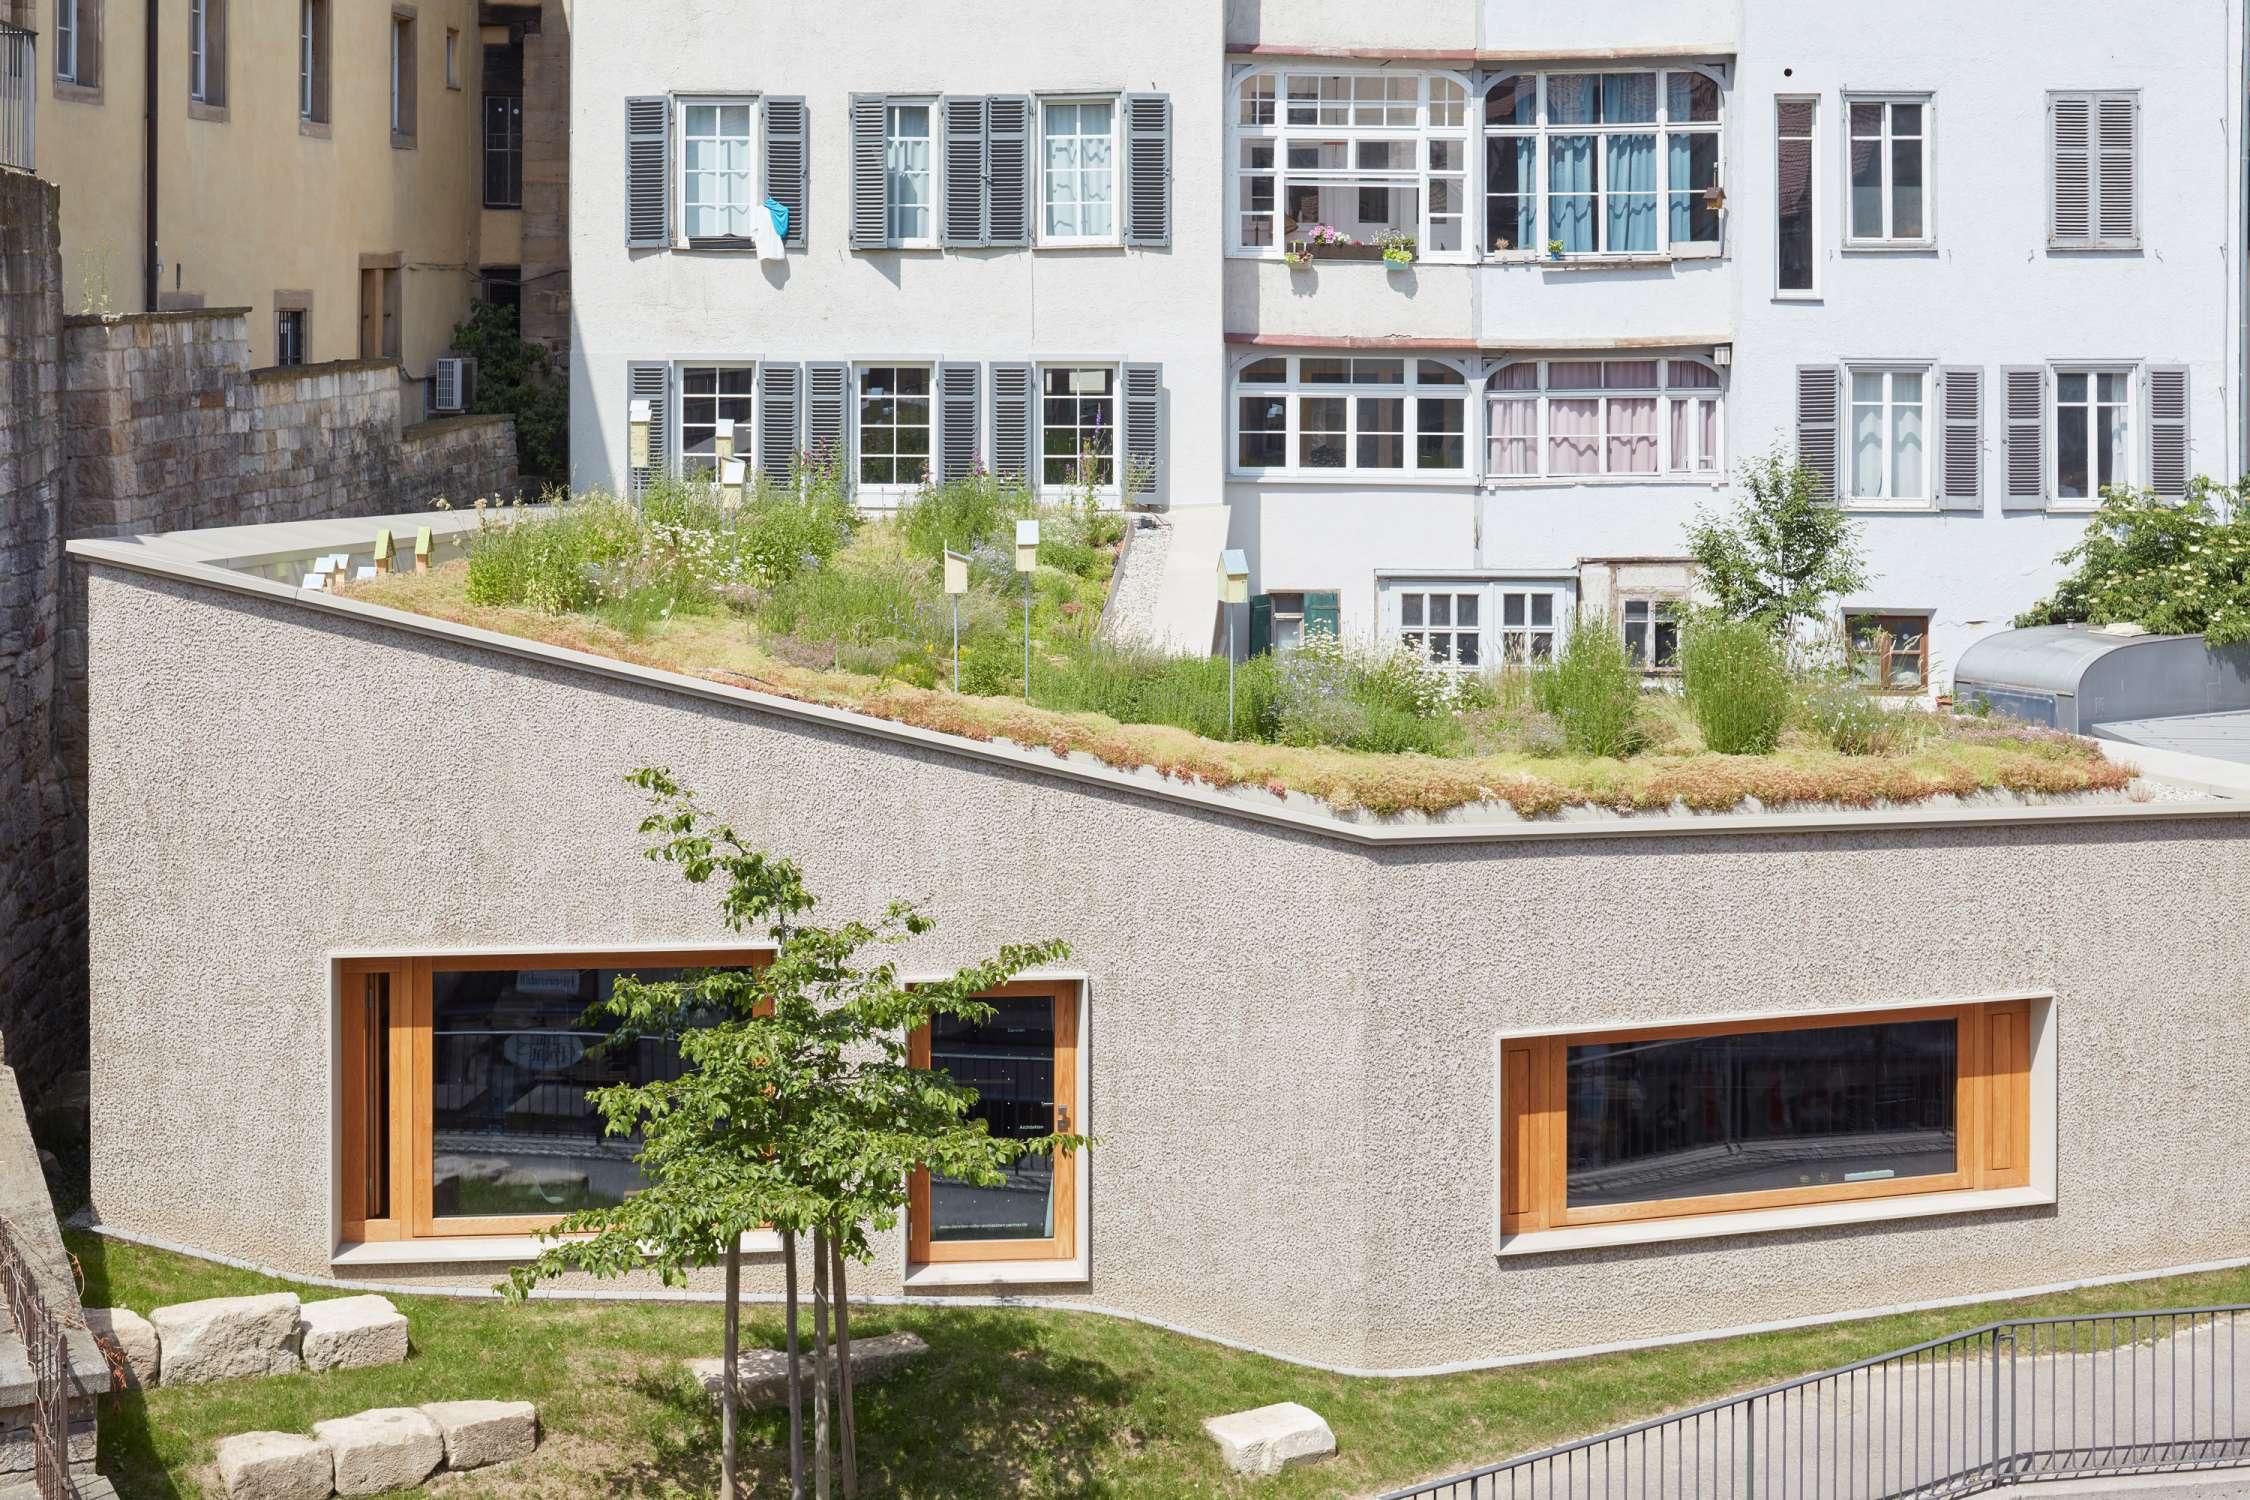 Umbau und Anbau Wohn- und Geschäftshaus (14)